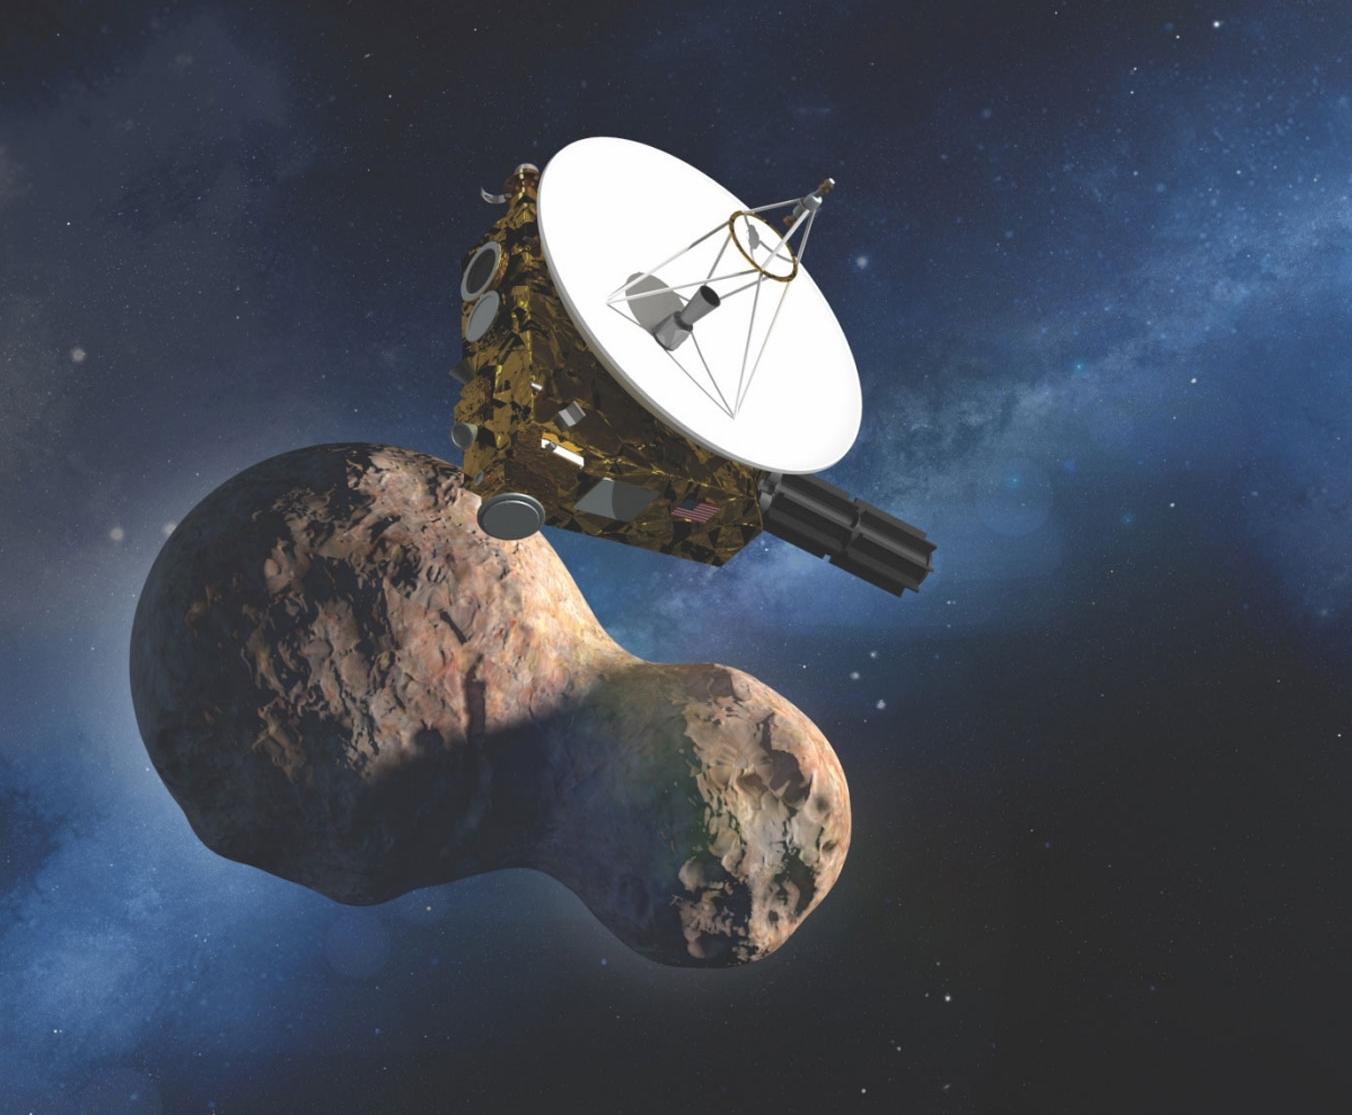 Звёздный мир, Гармония мира, станция «Новые горизонты» New Horizons, 2014 MU69 Ultima Thule, Double Asteroid Redirection Test DART, новости космоса